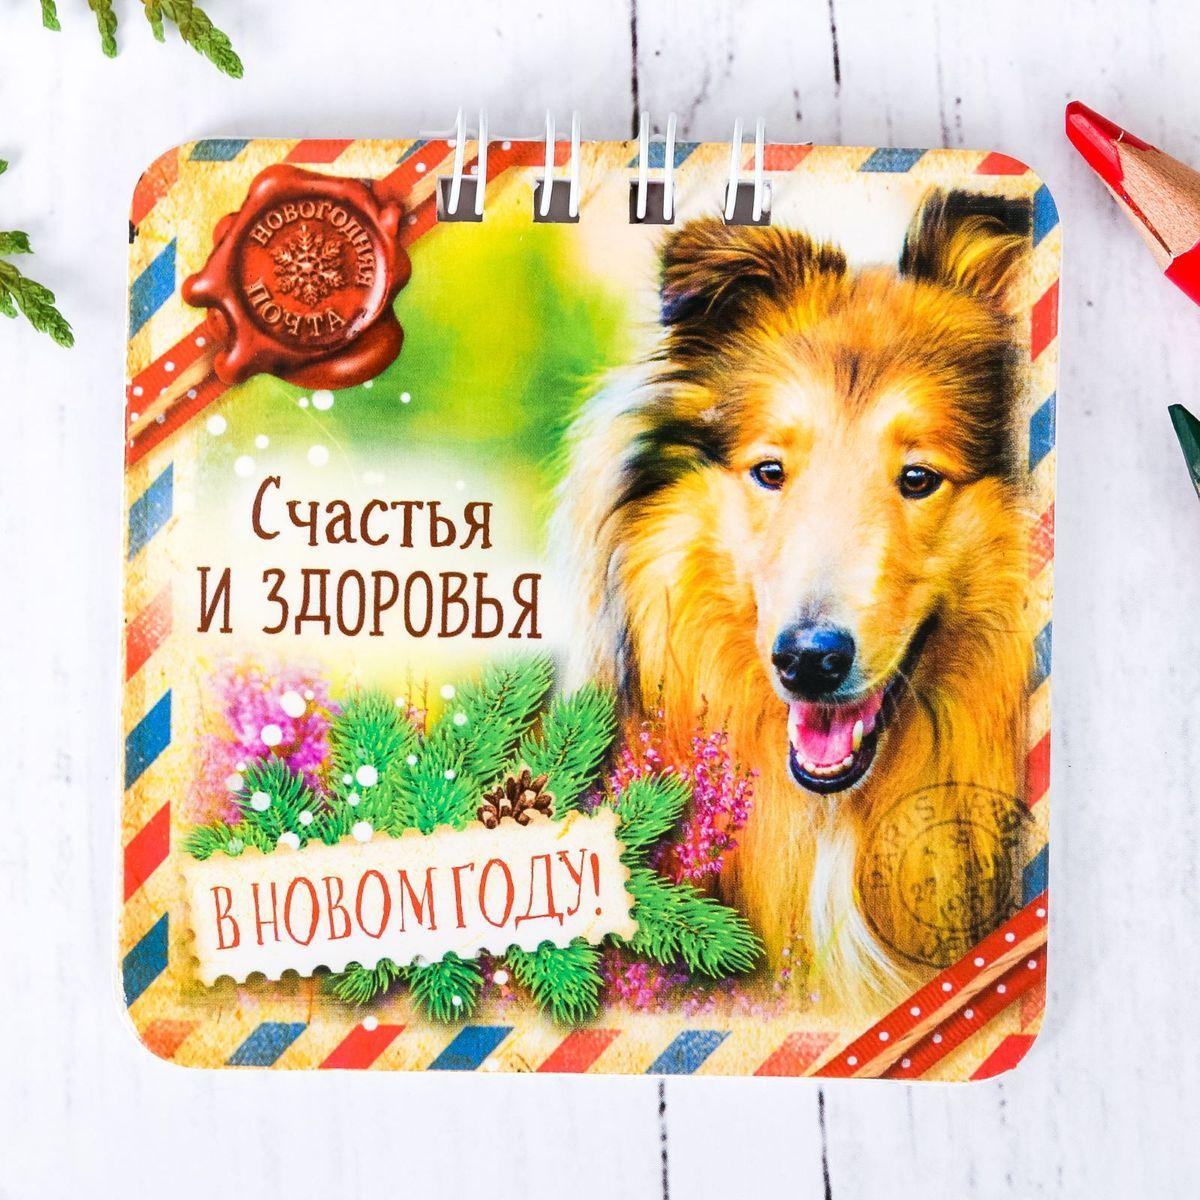 Sima-land Блокнот Счастья и здоровья открытка прорастайка sima land желаю крепкого здоровья